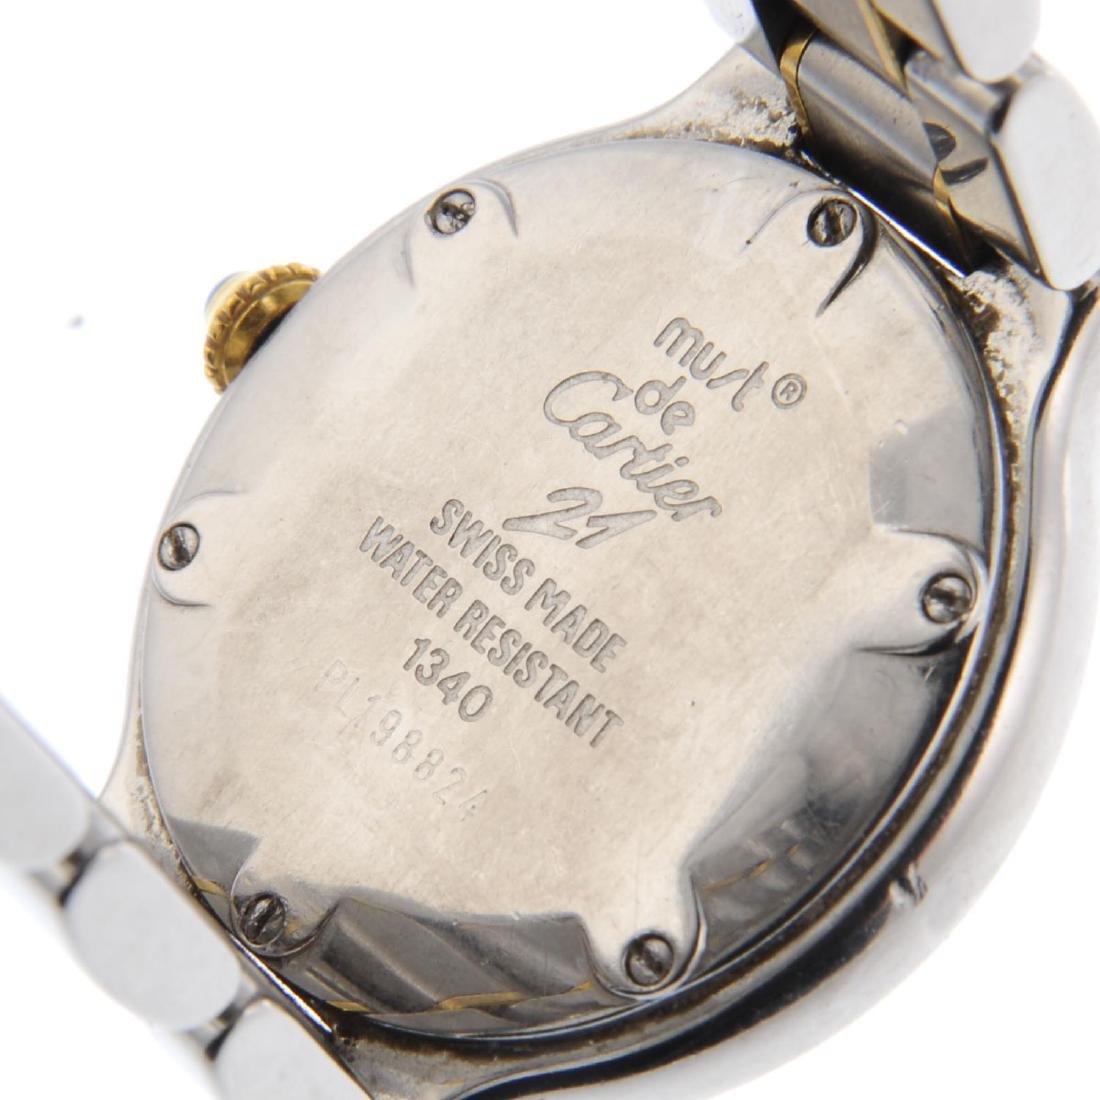 CARTIER - a Must de Cartier 21 bracelet watch. - 4